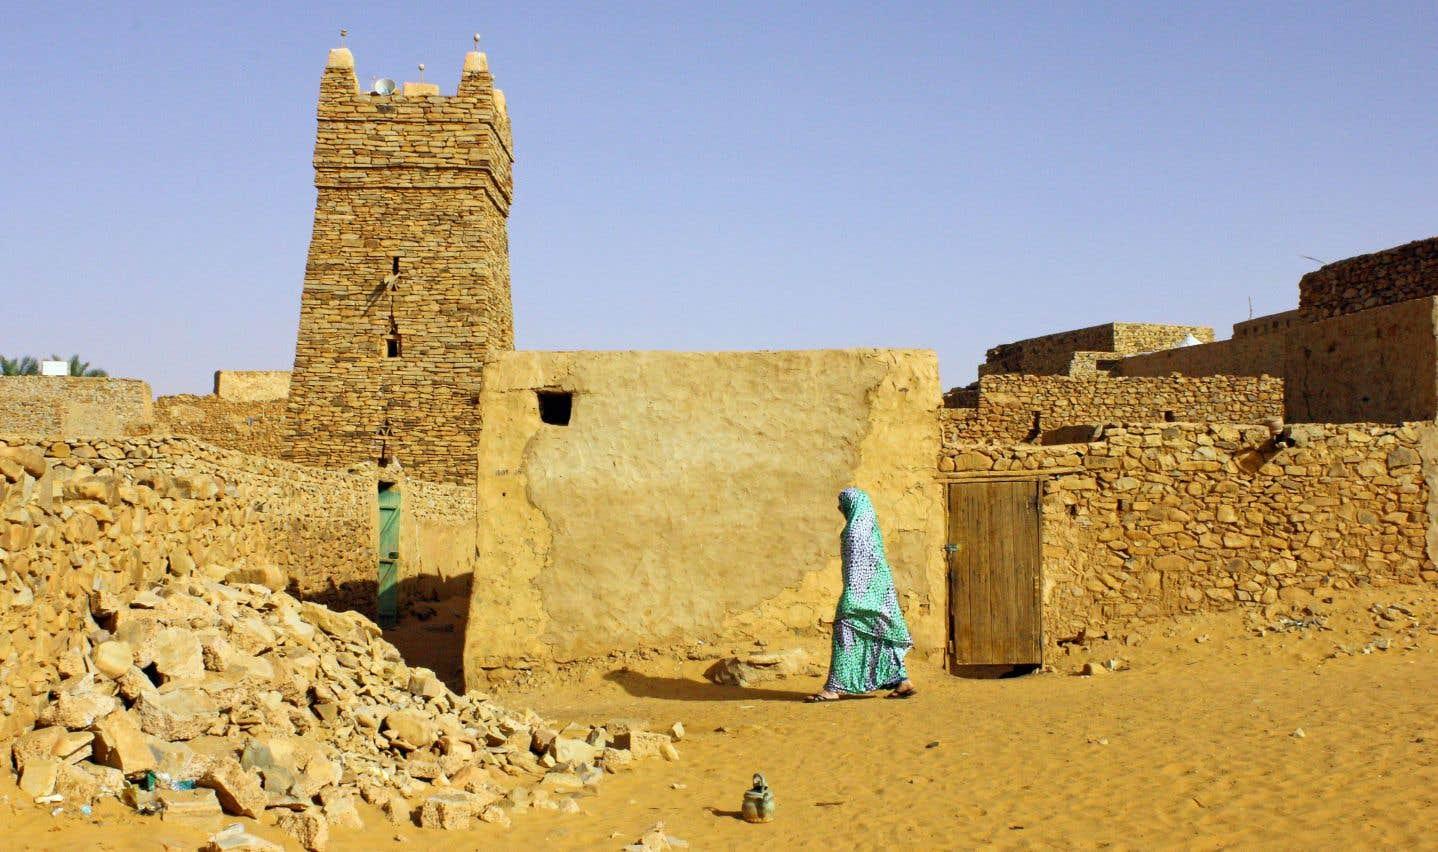 Fondée en 1264, la ville caravanière de Chinguetti a longtemps été la seule de Mauritanie. Ici, la grande mosquée, au cœur de la vieille ville.